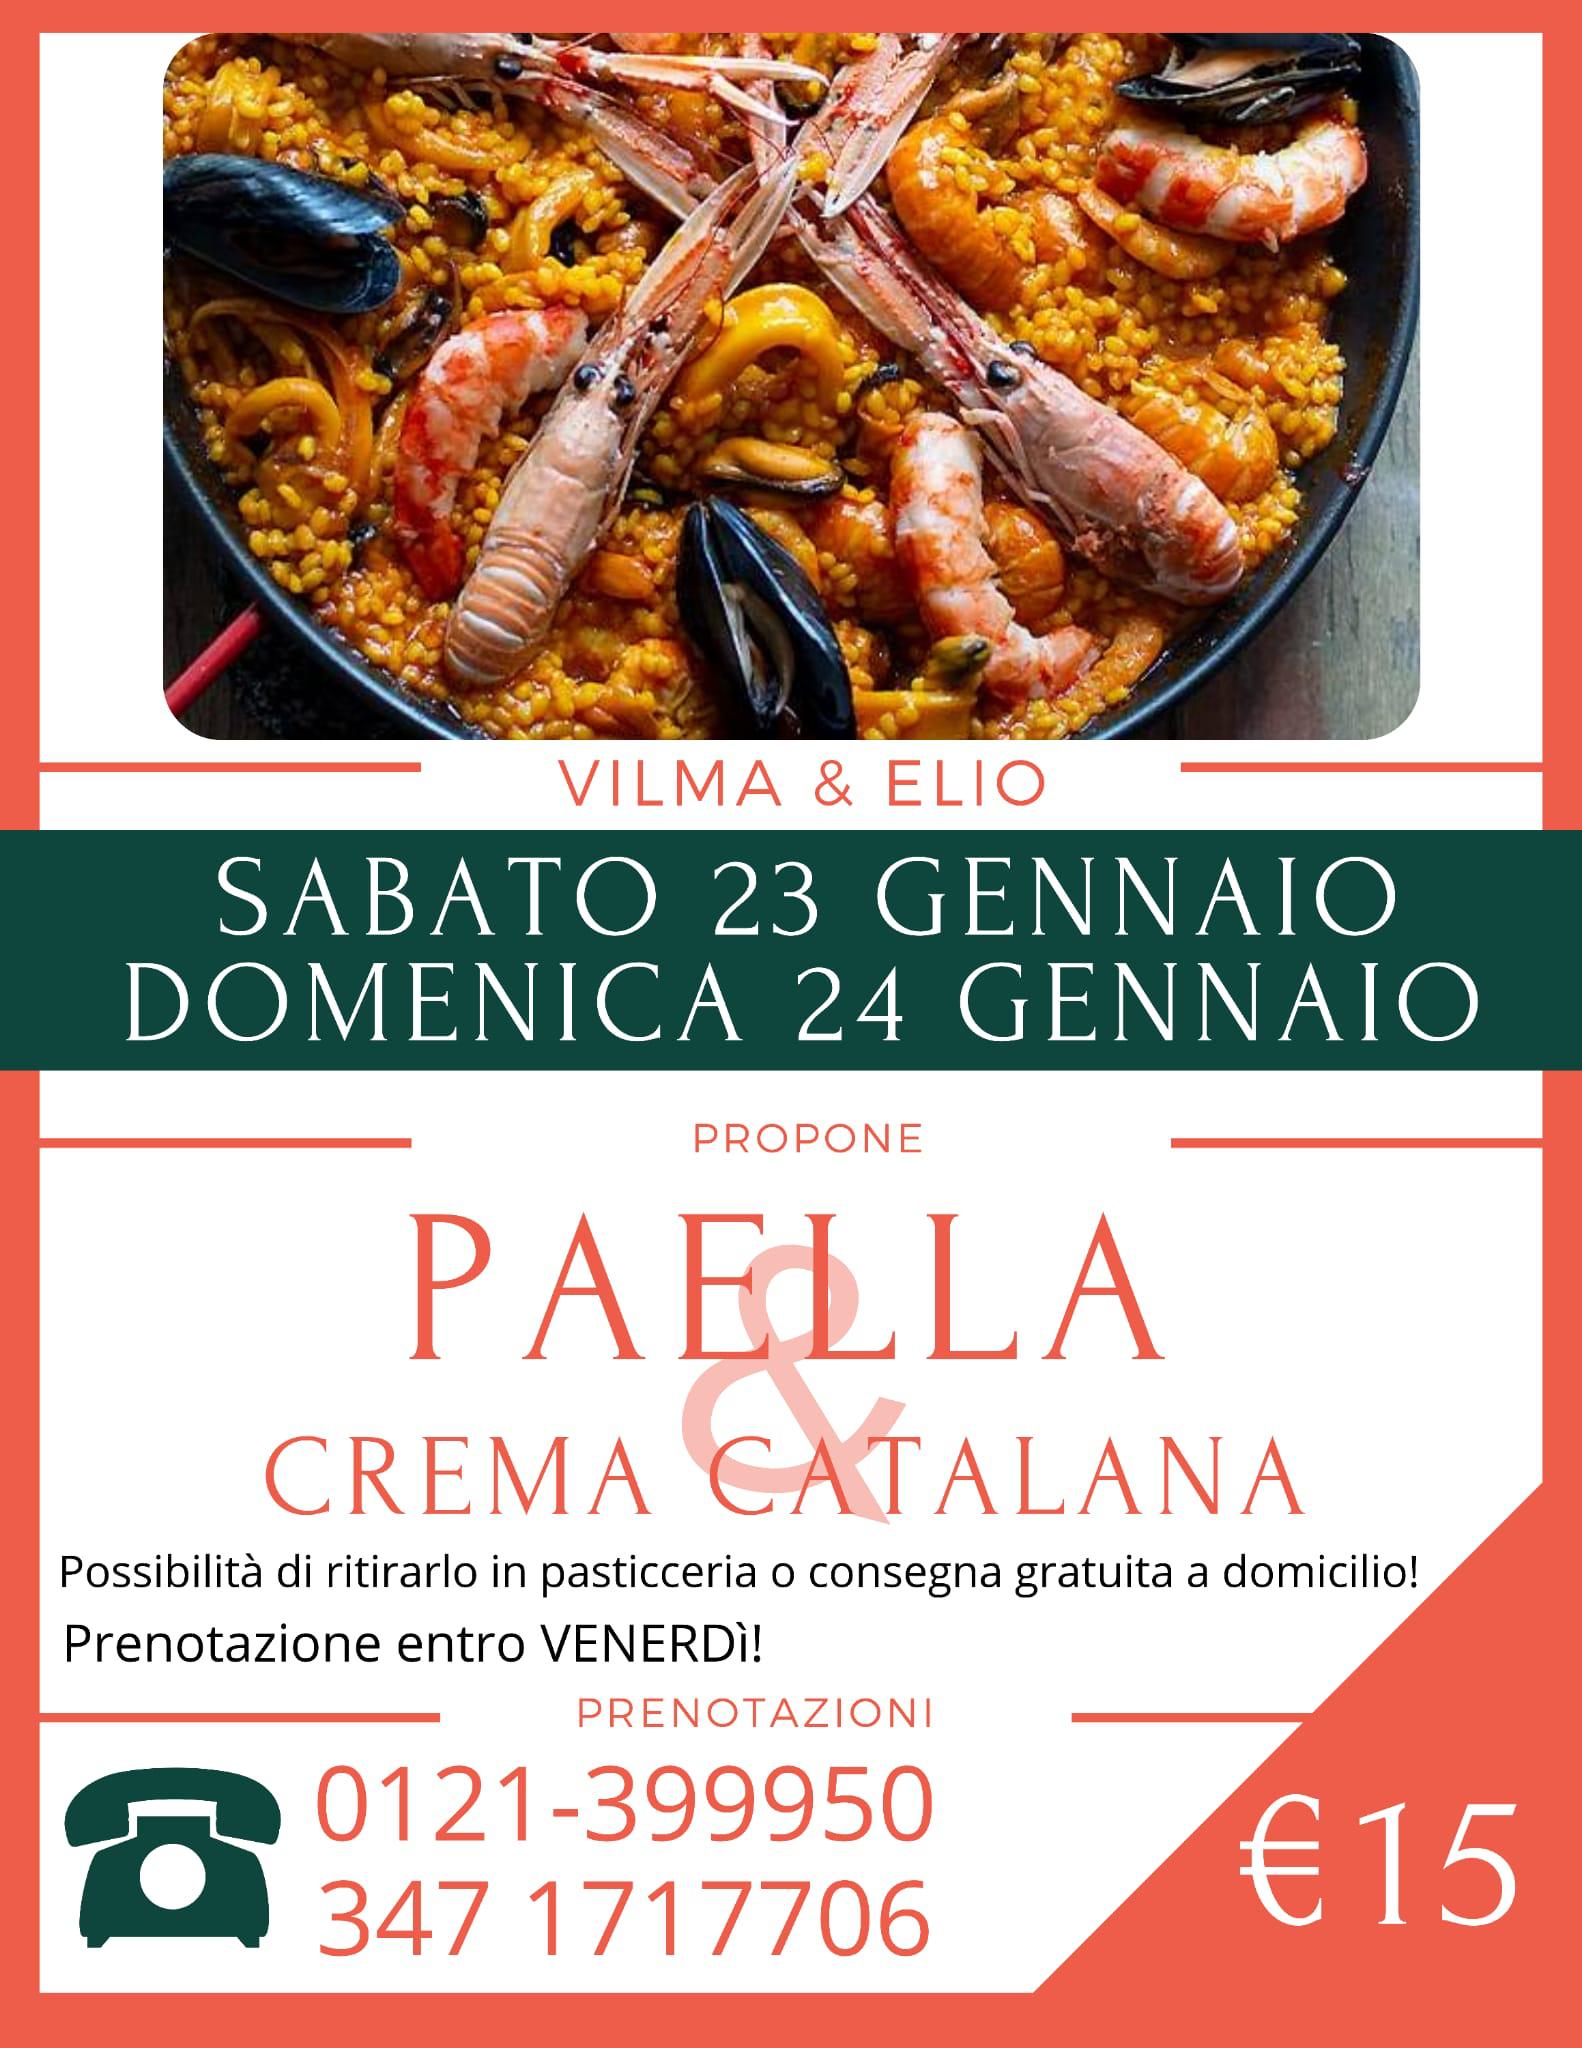 Sabato 23 e Domenica 24 gennaio: Paella e crema catalana